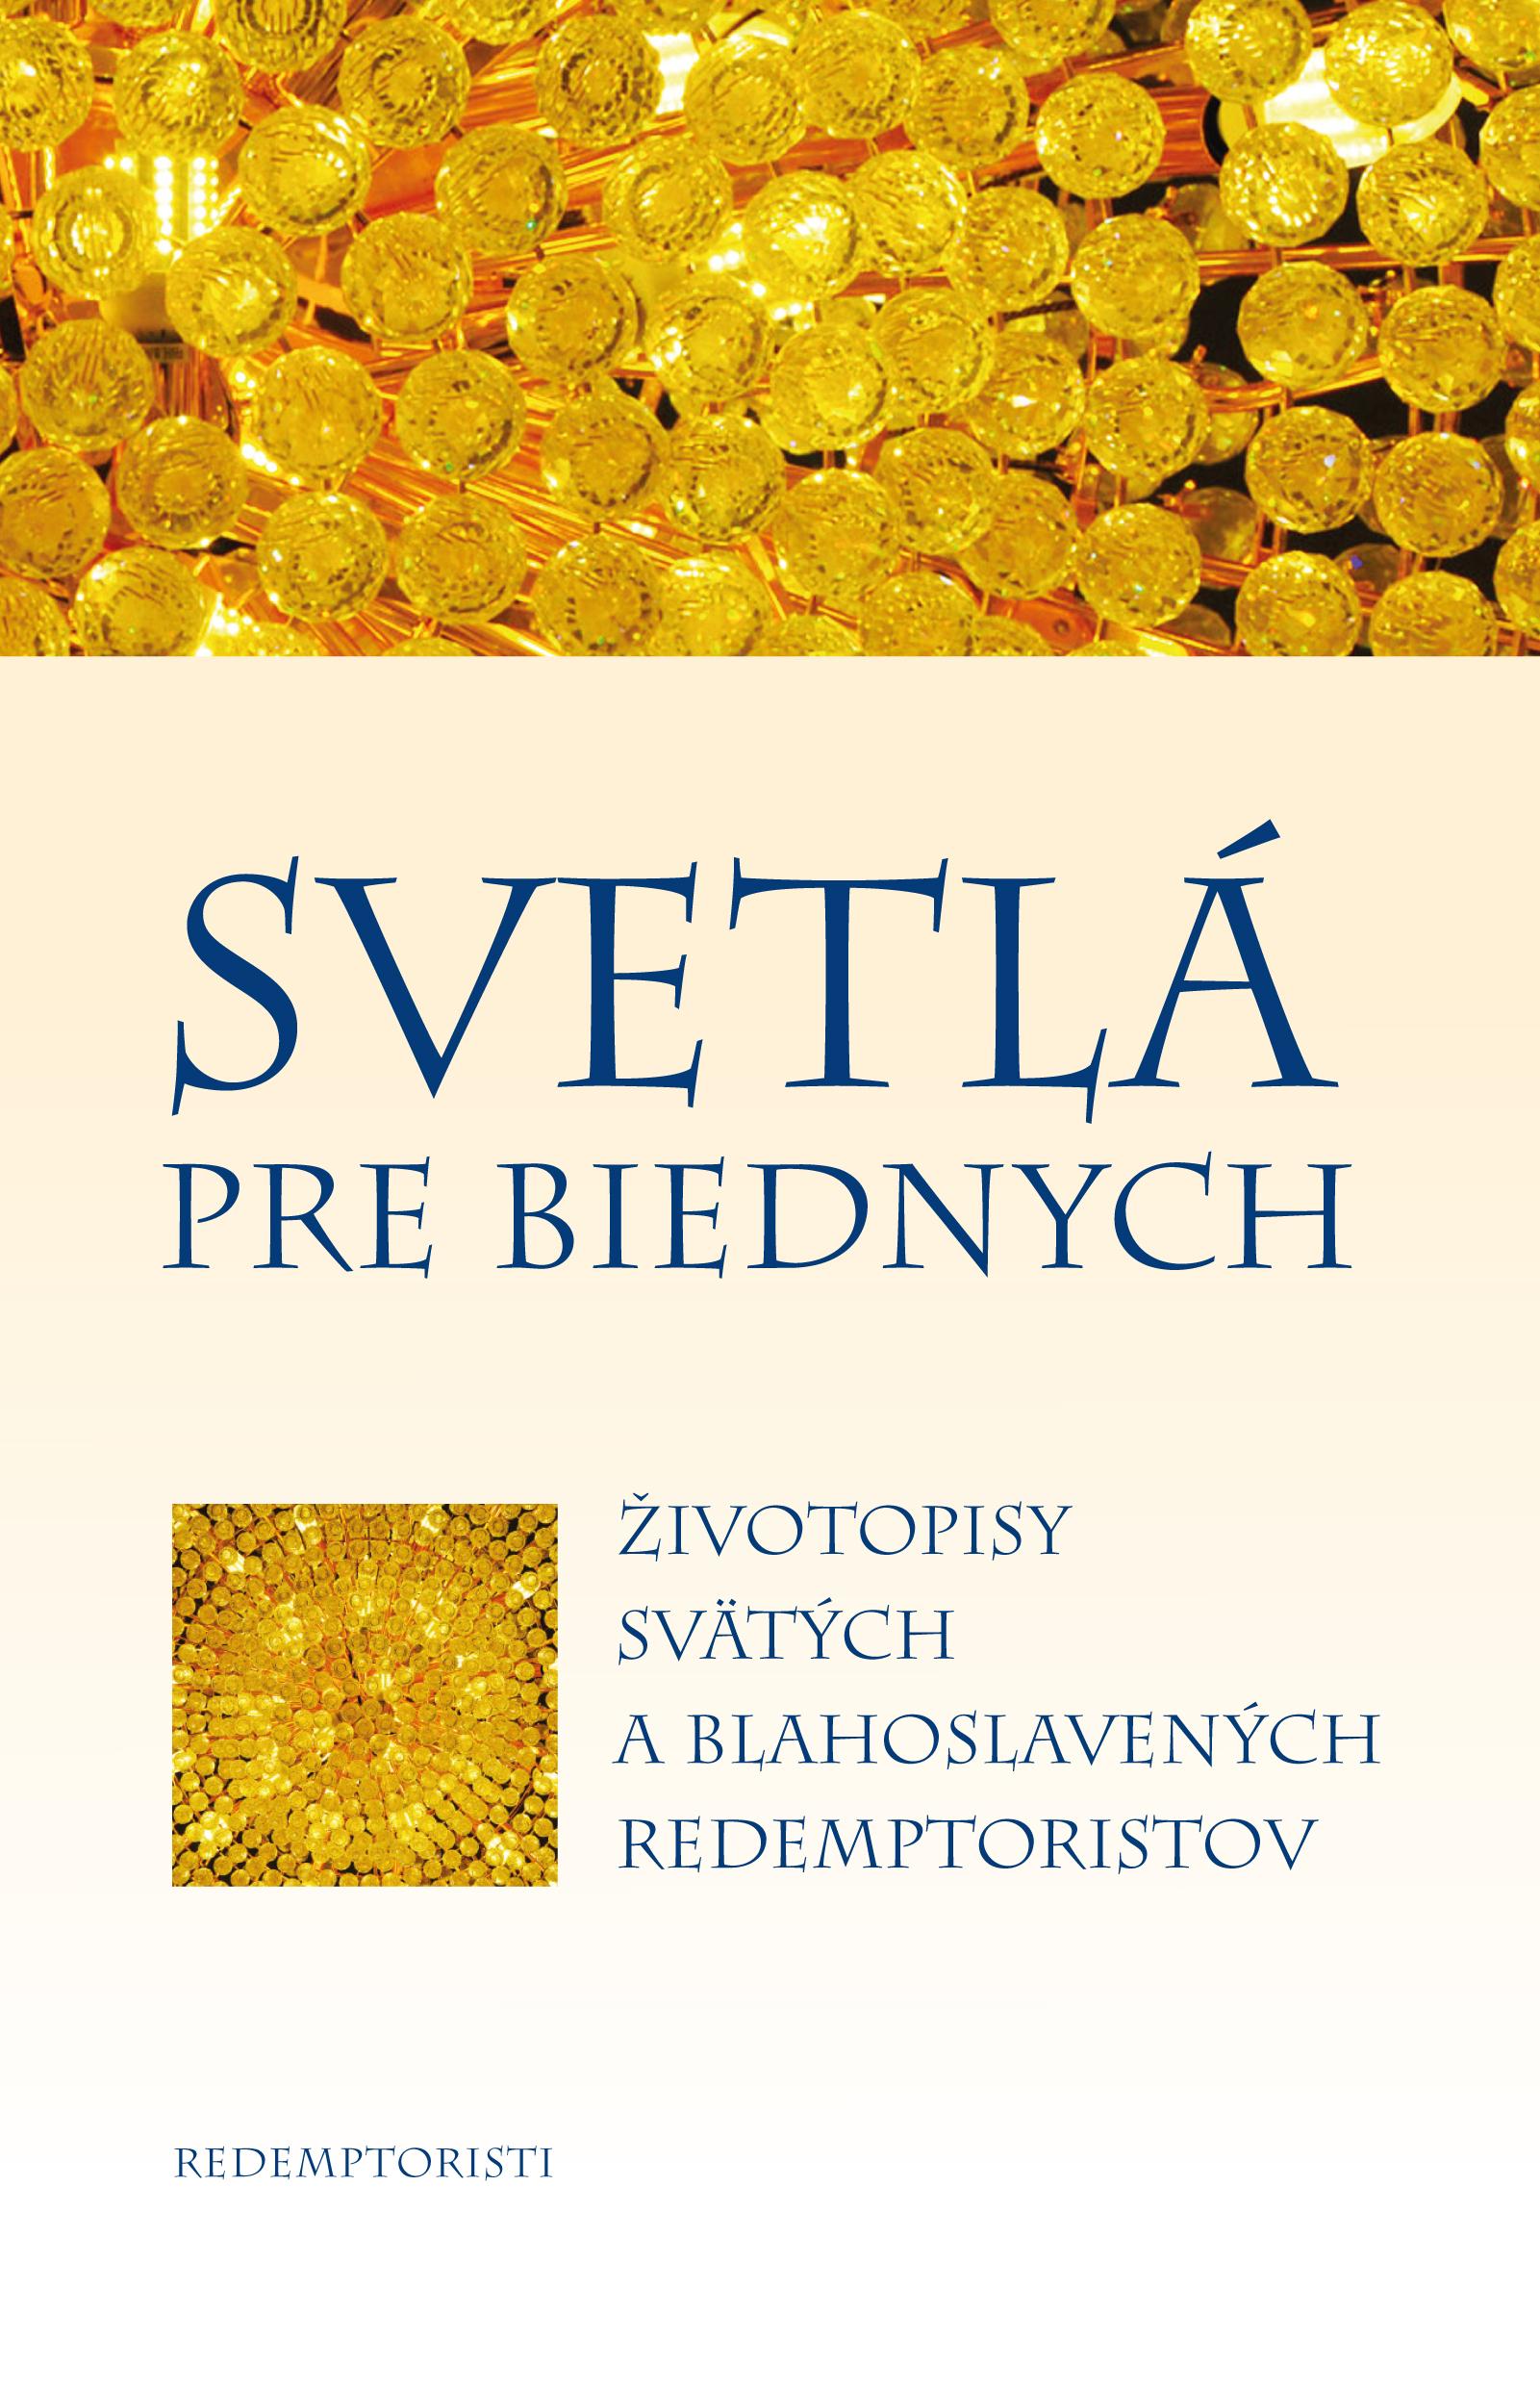 Svetlá pre biednych - Životopisy svätých a blahoslavených redemptoristov